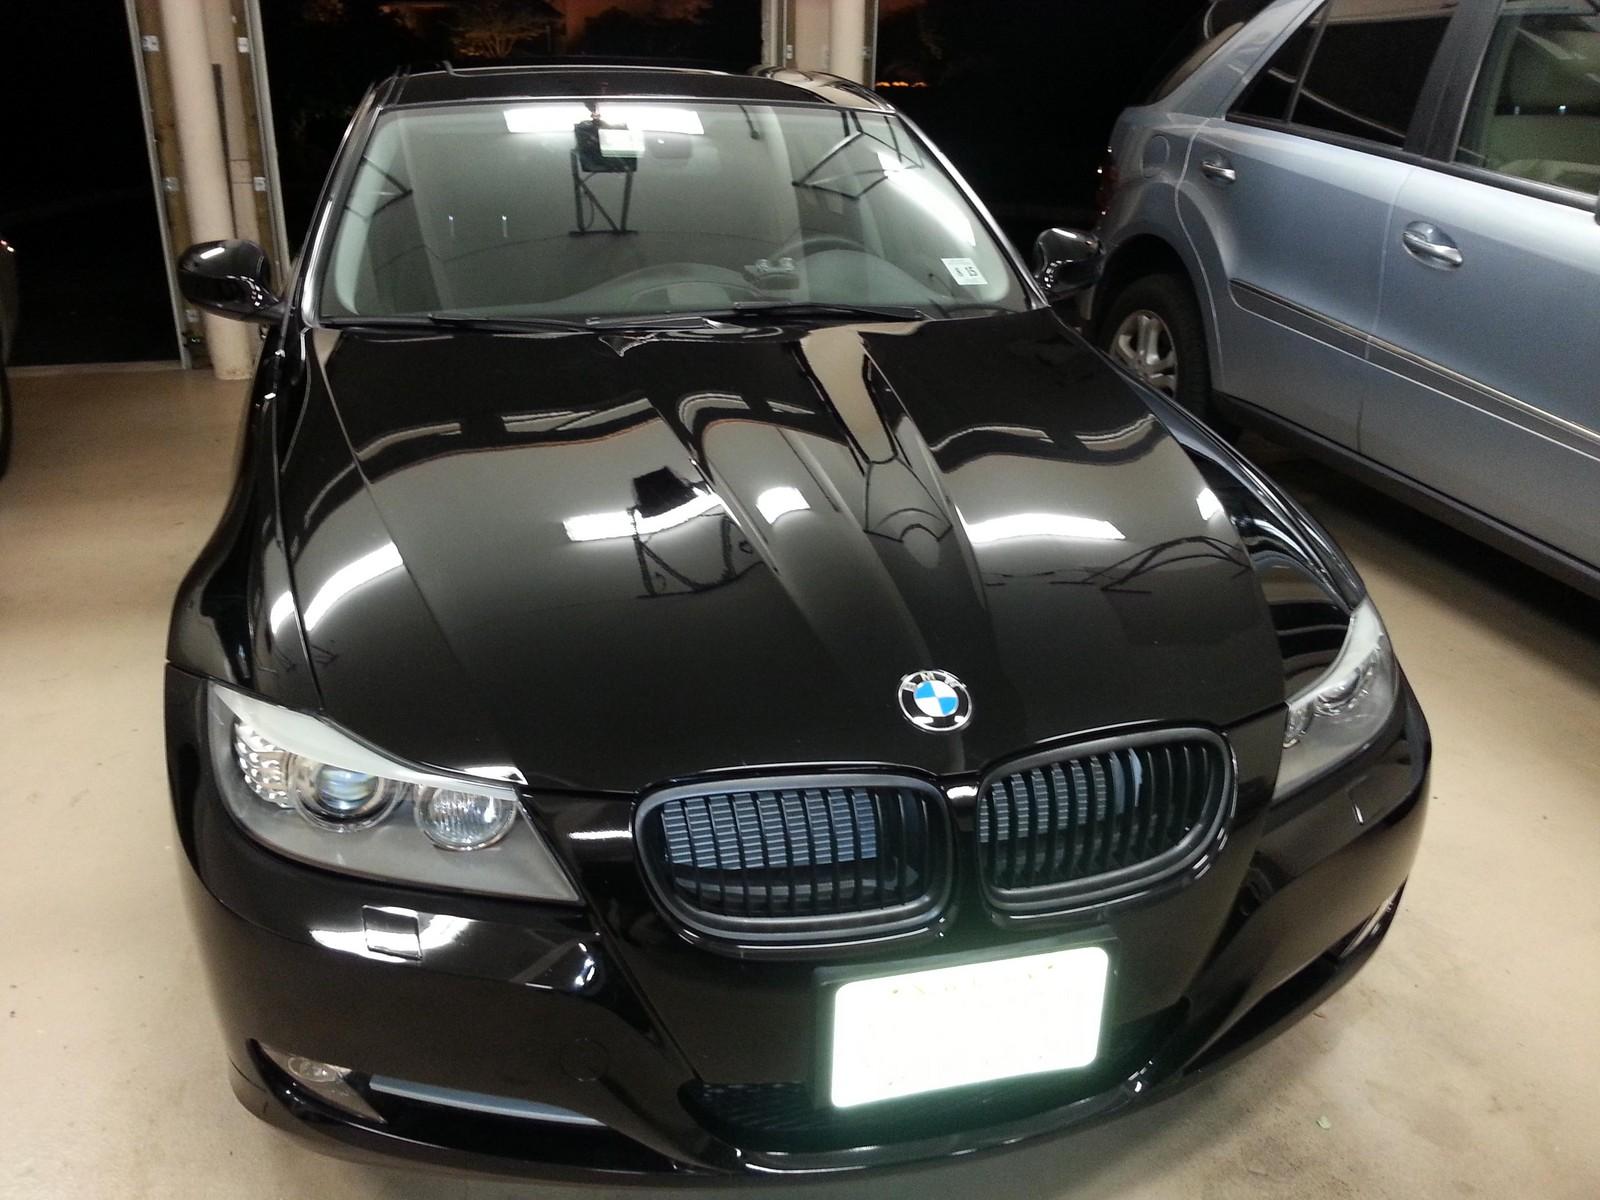 2011 BMW 335xi 335i XDrive 1/4 mile trap speeds 0-60